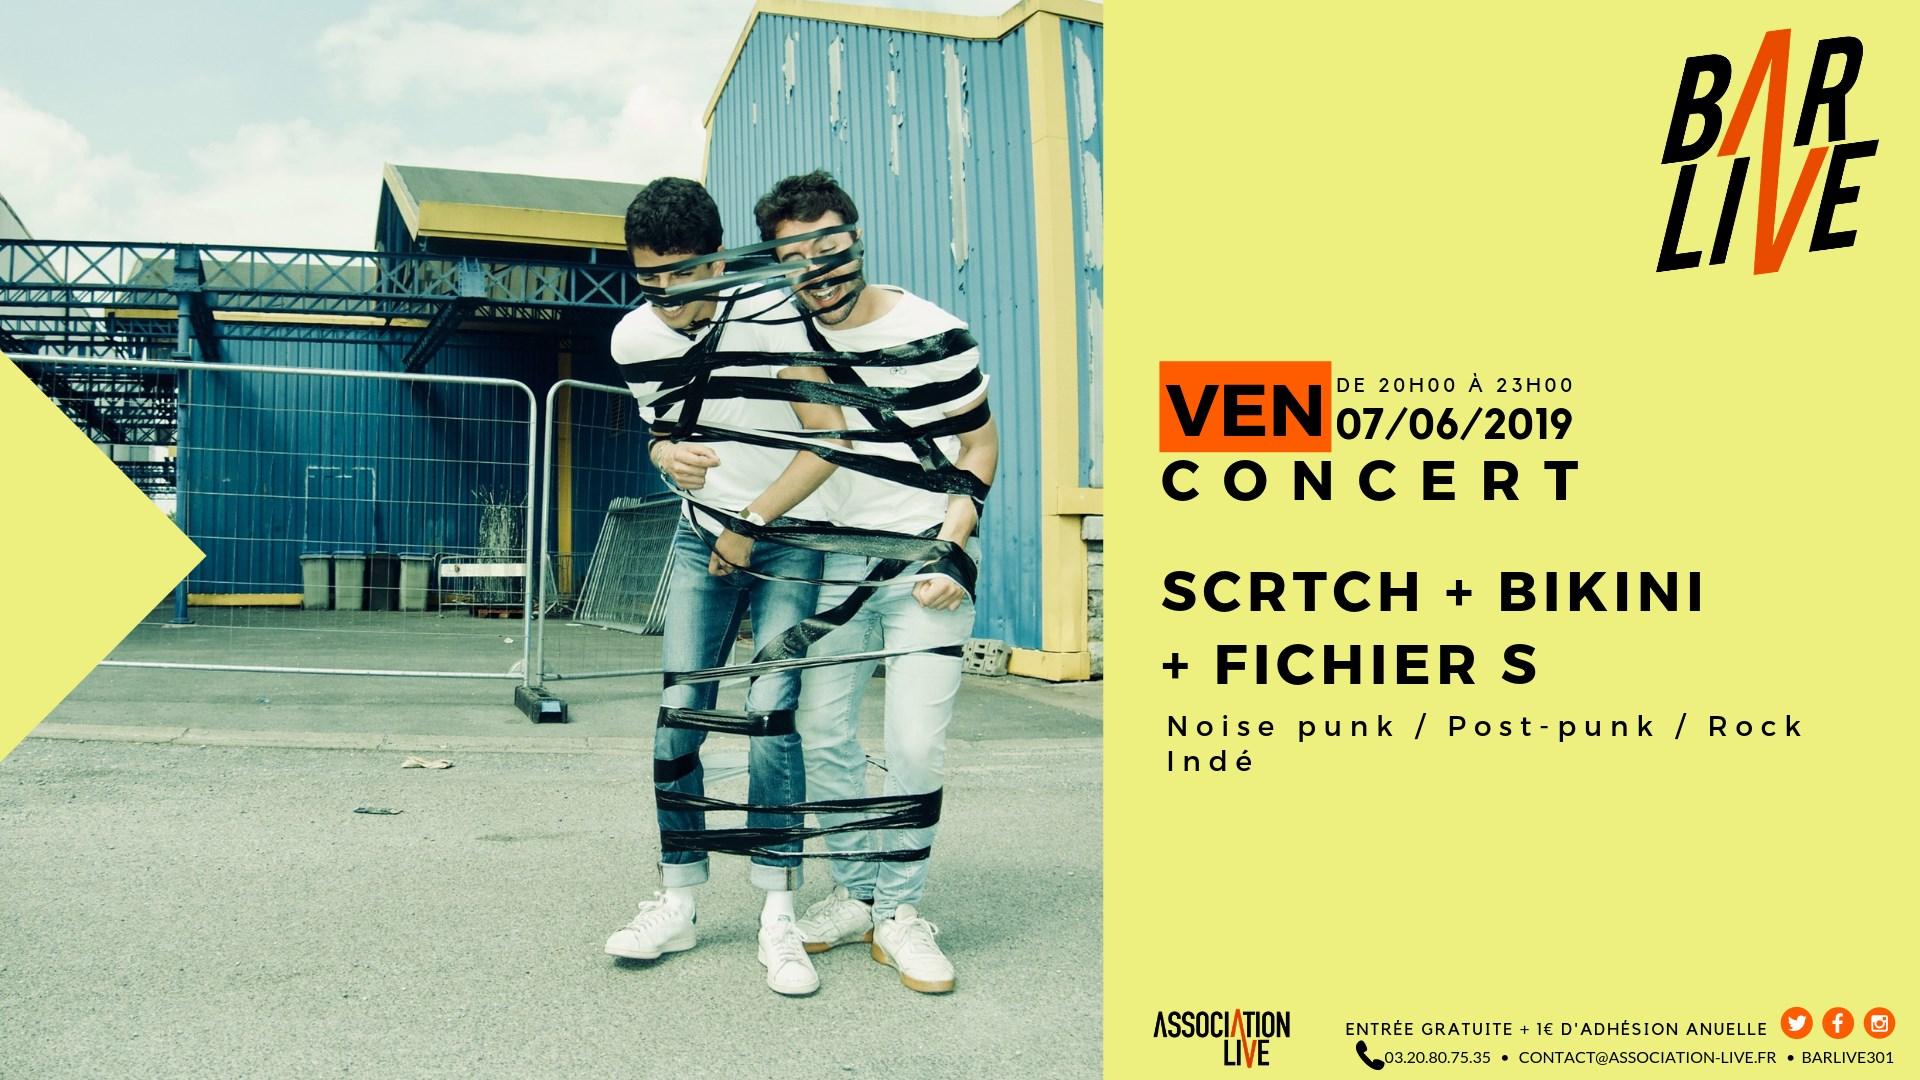 Scrtch + Bikini + Fichier s en concert